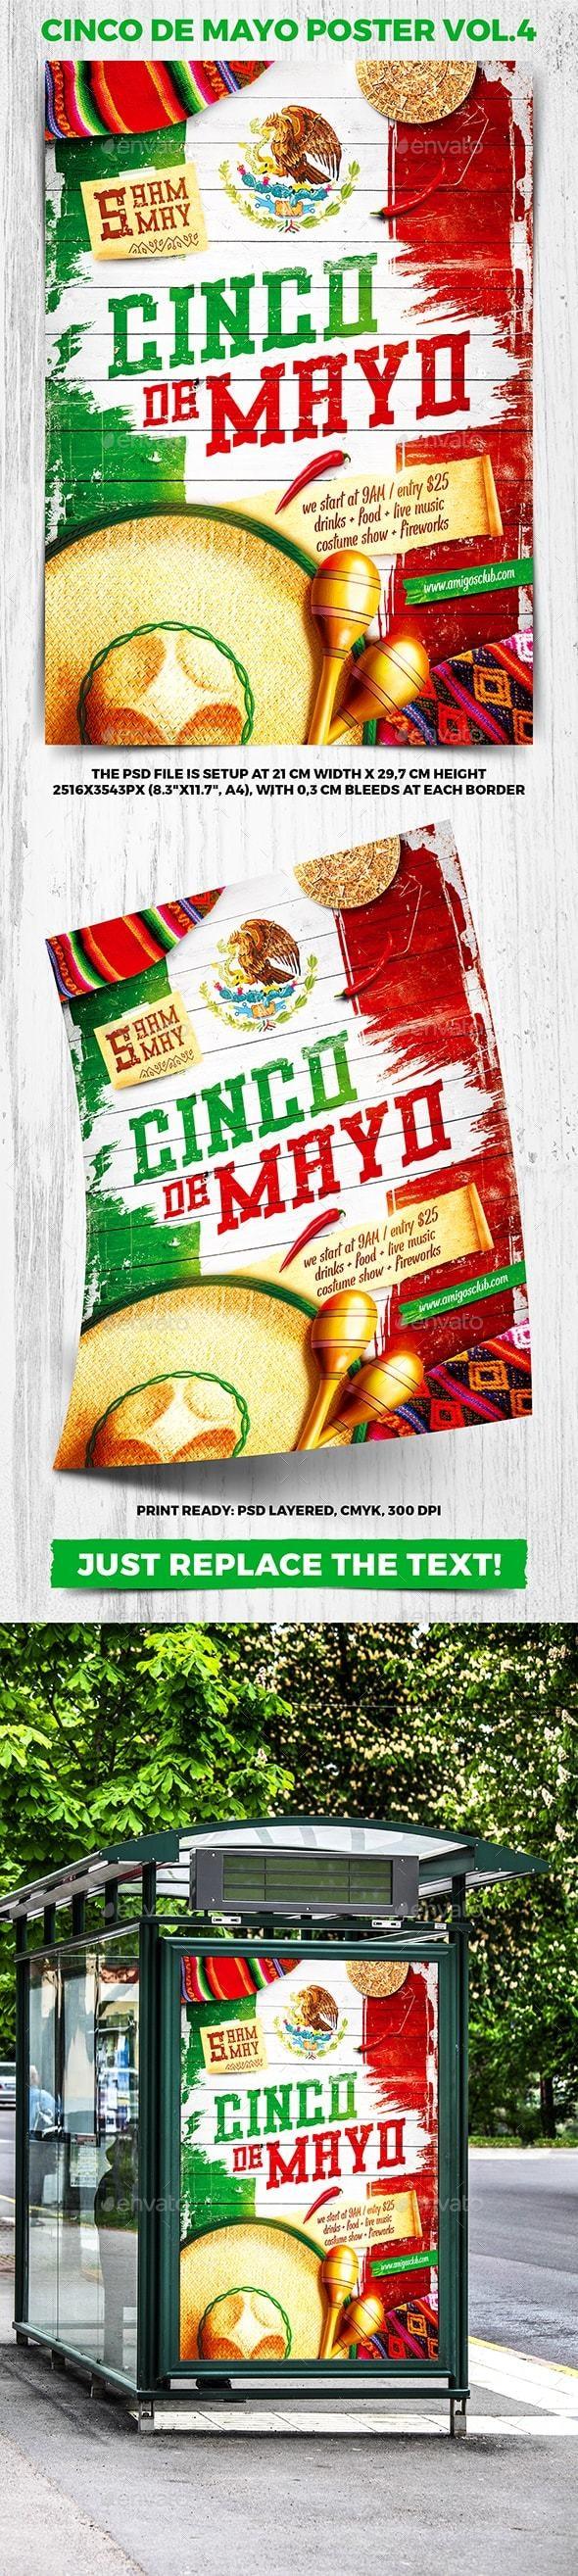 Cinco de Mayo Party Poster vol.4 - Holidays Events